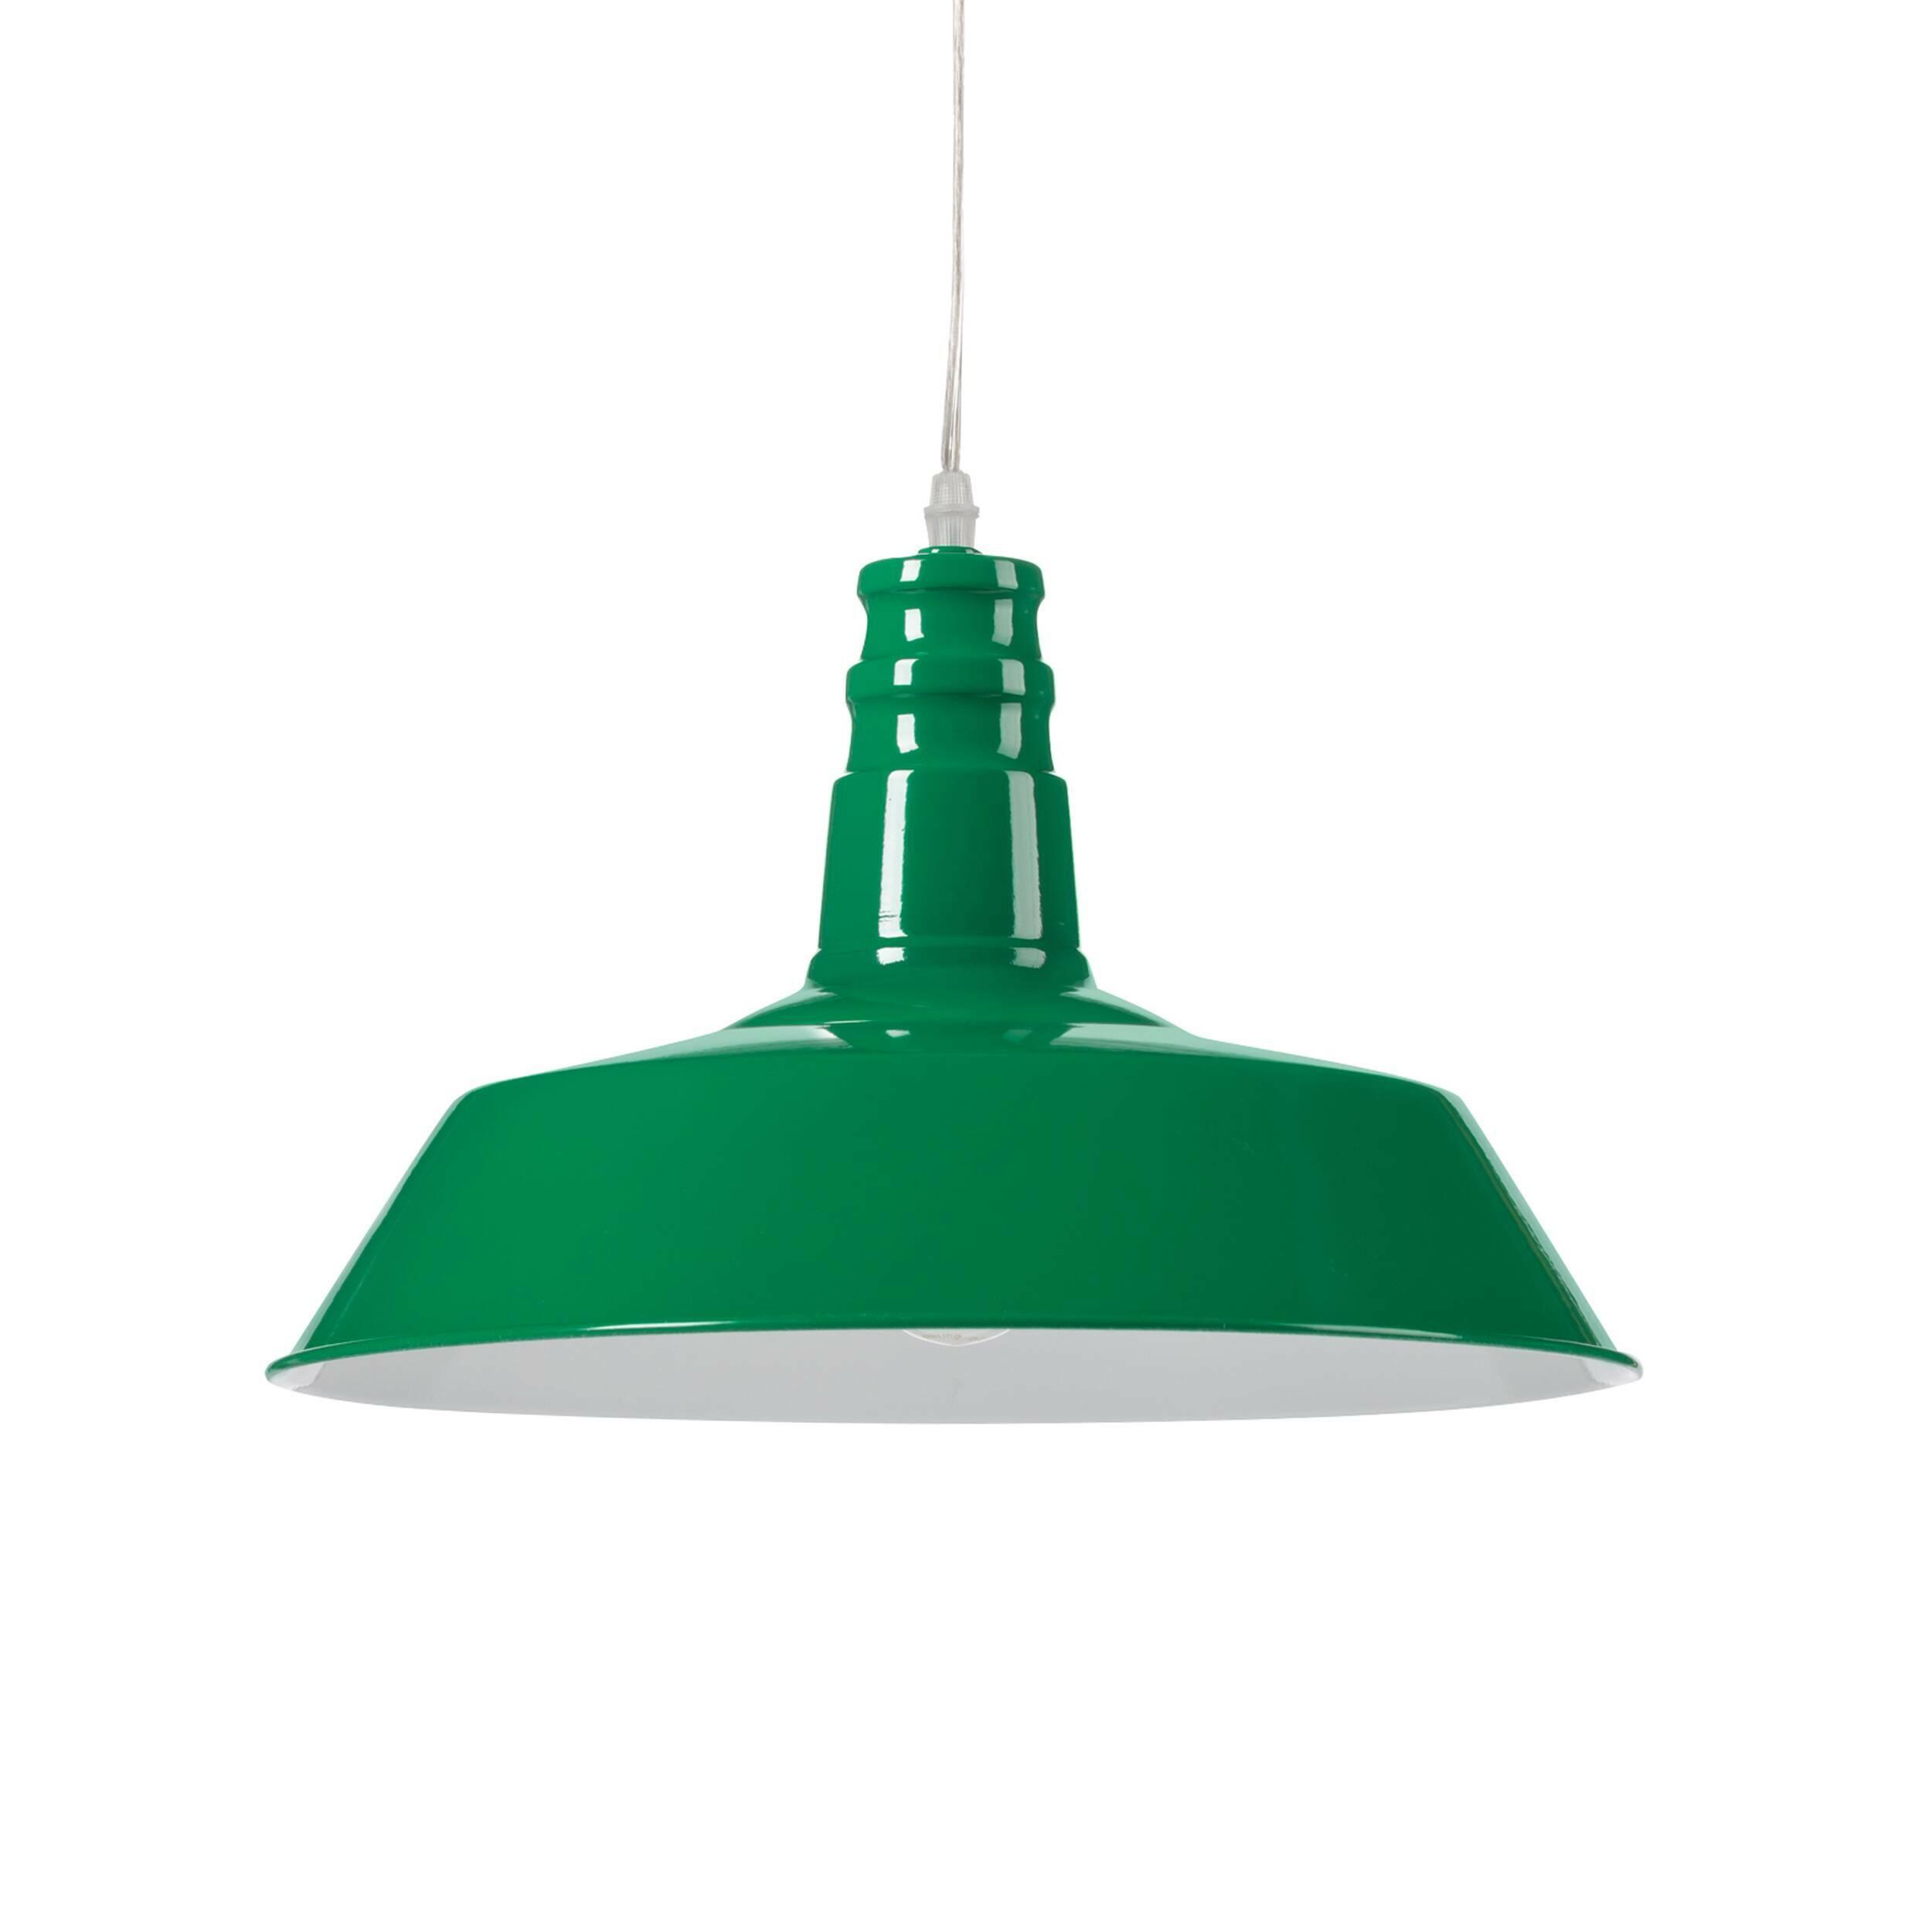 Подвесной светильник Barn IndustrialПодвесные<br>Этот подвесной светильник сочетает в себе лаконичность и практичность. Прочные металлические детали подвесного светильника Barn Industrial внушают спокойствие и уверенность.<br><br><br> Подвесной светильник Barn Industrial идеально подходит для использования в рамках индустриального стиля, для освещения баров, коворкингов, лофтов и других просторных помещений, которым подошло бы оформление в модном сегодня стиле стимпанк.<br><br>stock: 56<br>Высота: 26<br>Длина: 36<br>Длина провода: 150<br>Количество ламп: 1<br>Материал абажура: Сталь<br>Мощность лампы: 40<br>Ламп в комплекте: Нет<br>Напряжение: 220<br>Тип лампы/цоколь: E27<br>Цвет абажура: Зеленый<br>Цвет провода: Черный